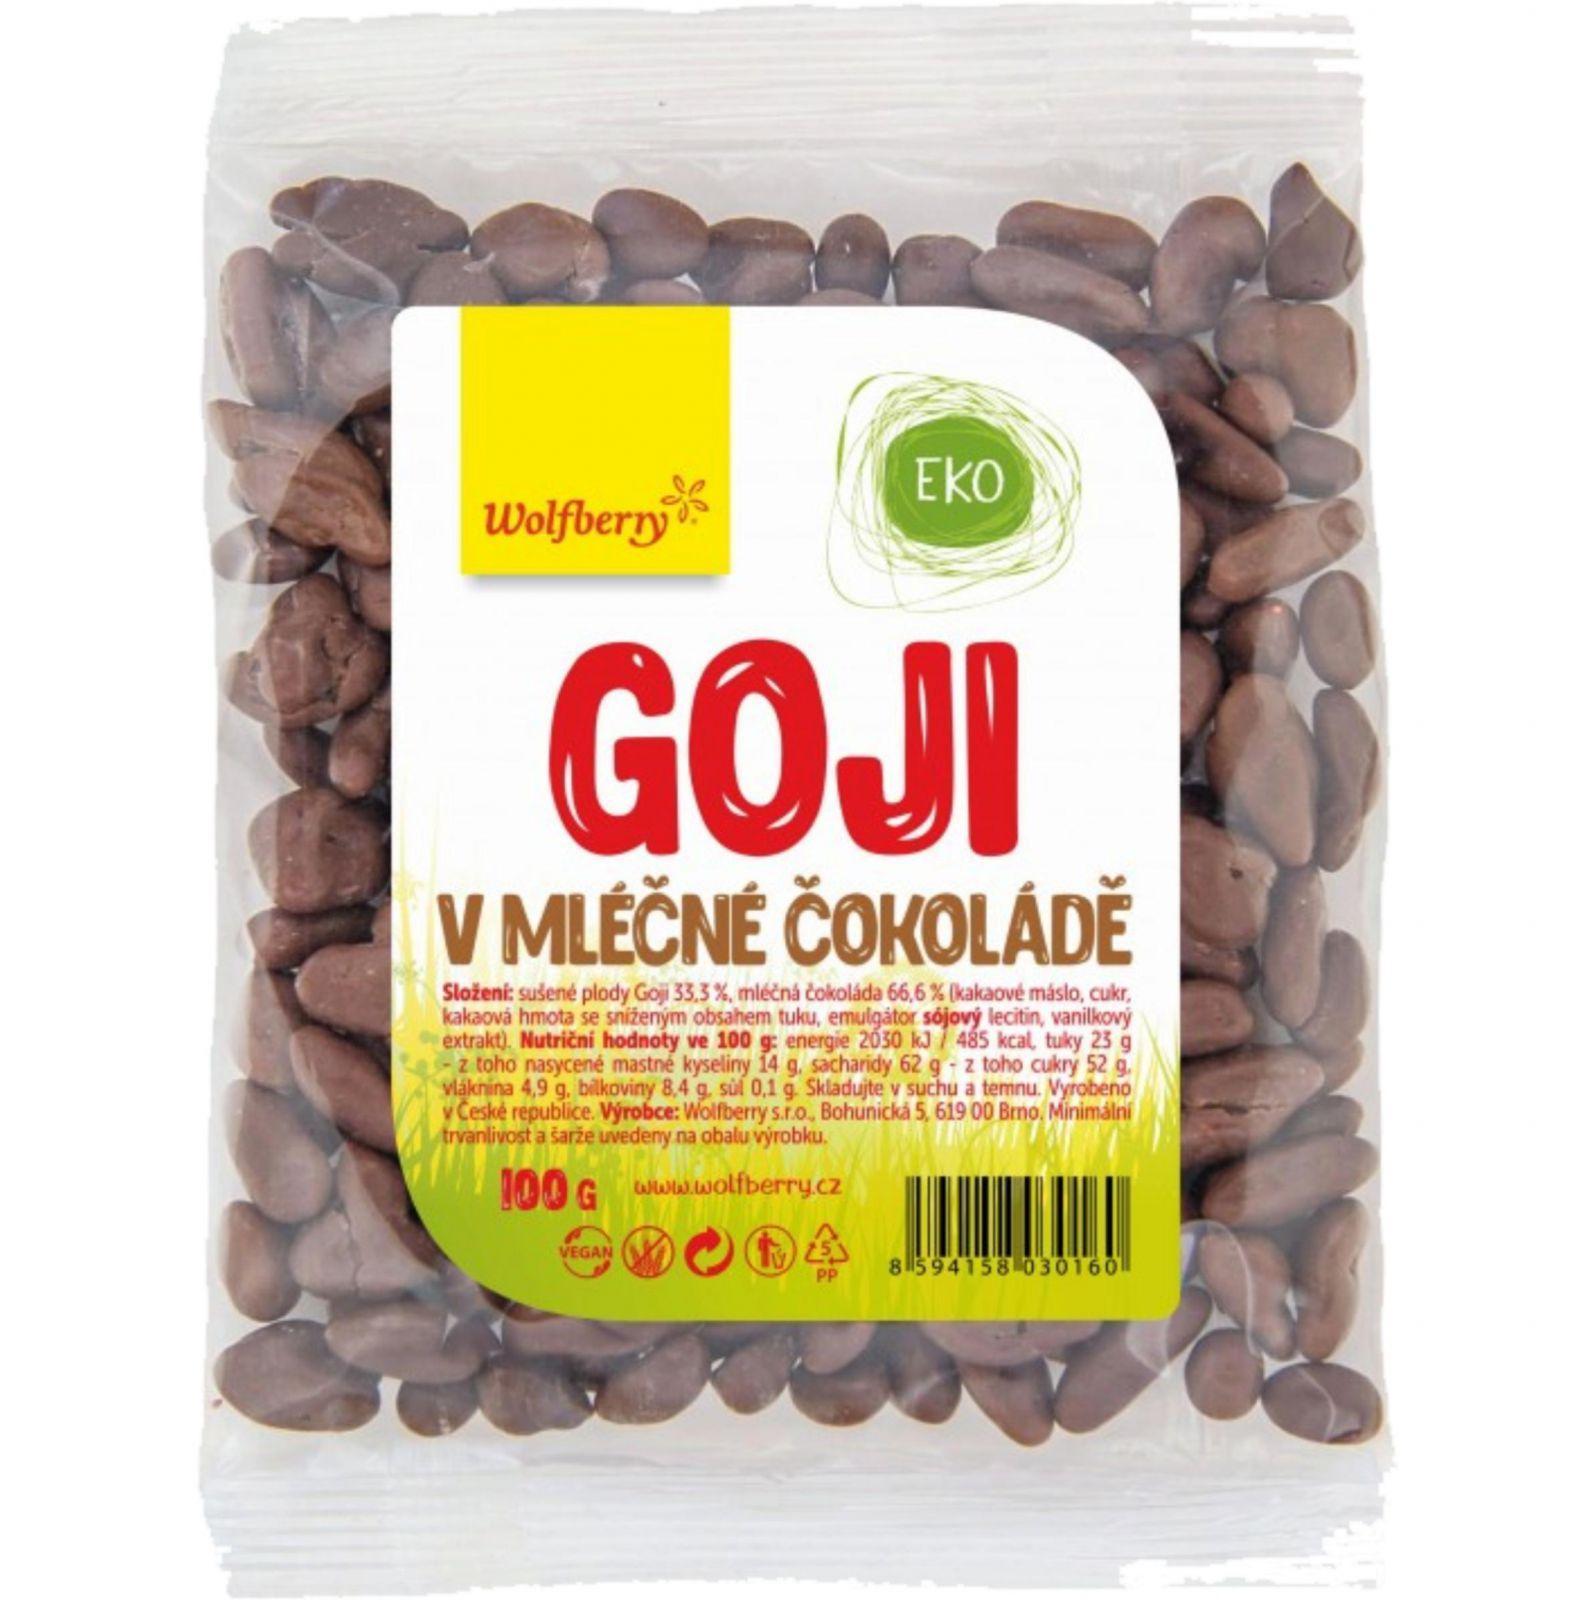 Wolfberry Goji - Kustovnice čínská v mléčné čokoládě 100 g